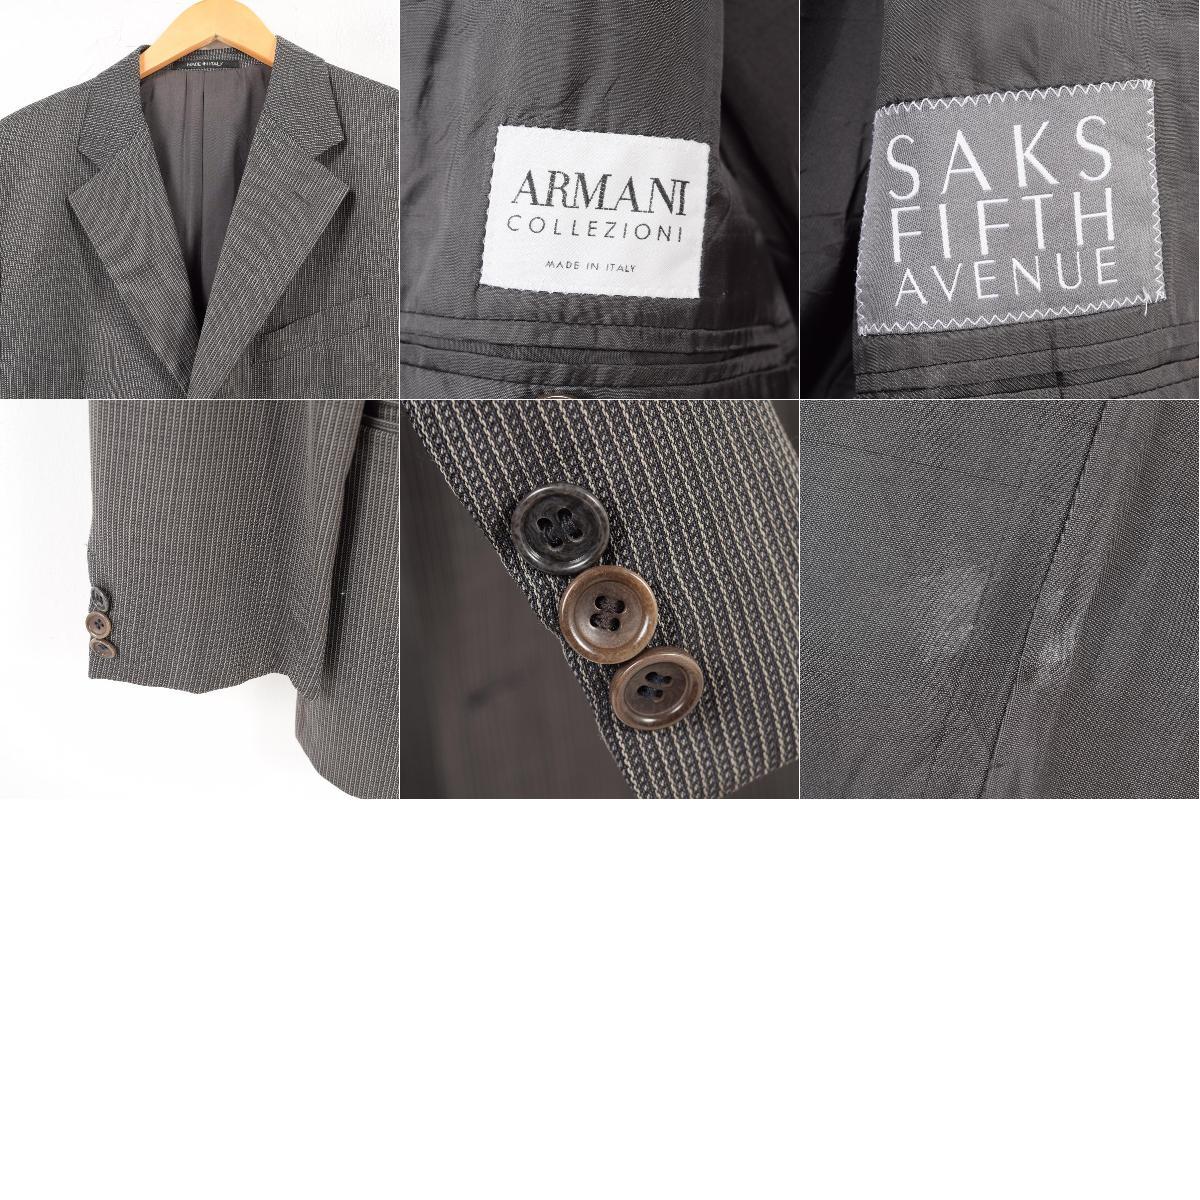 big sale c62bb 942a4 Men M /waw1111 made in Giorgio Armani Giorgio Armani ARMANI COLLEZIONI  アルマーニコレッツォーニストライプ pattern wool tailored jacket Italy